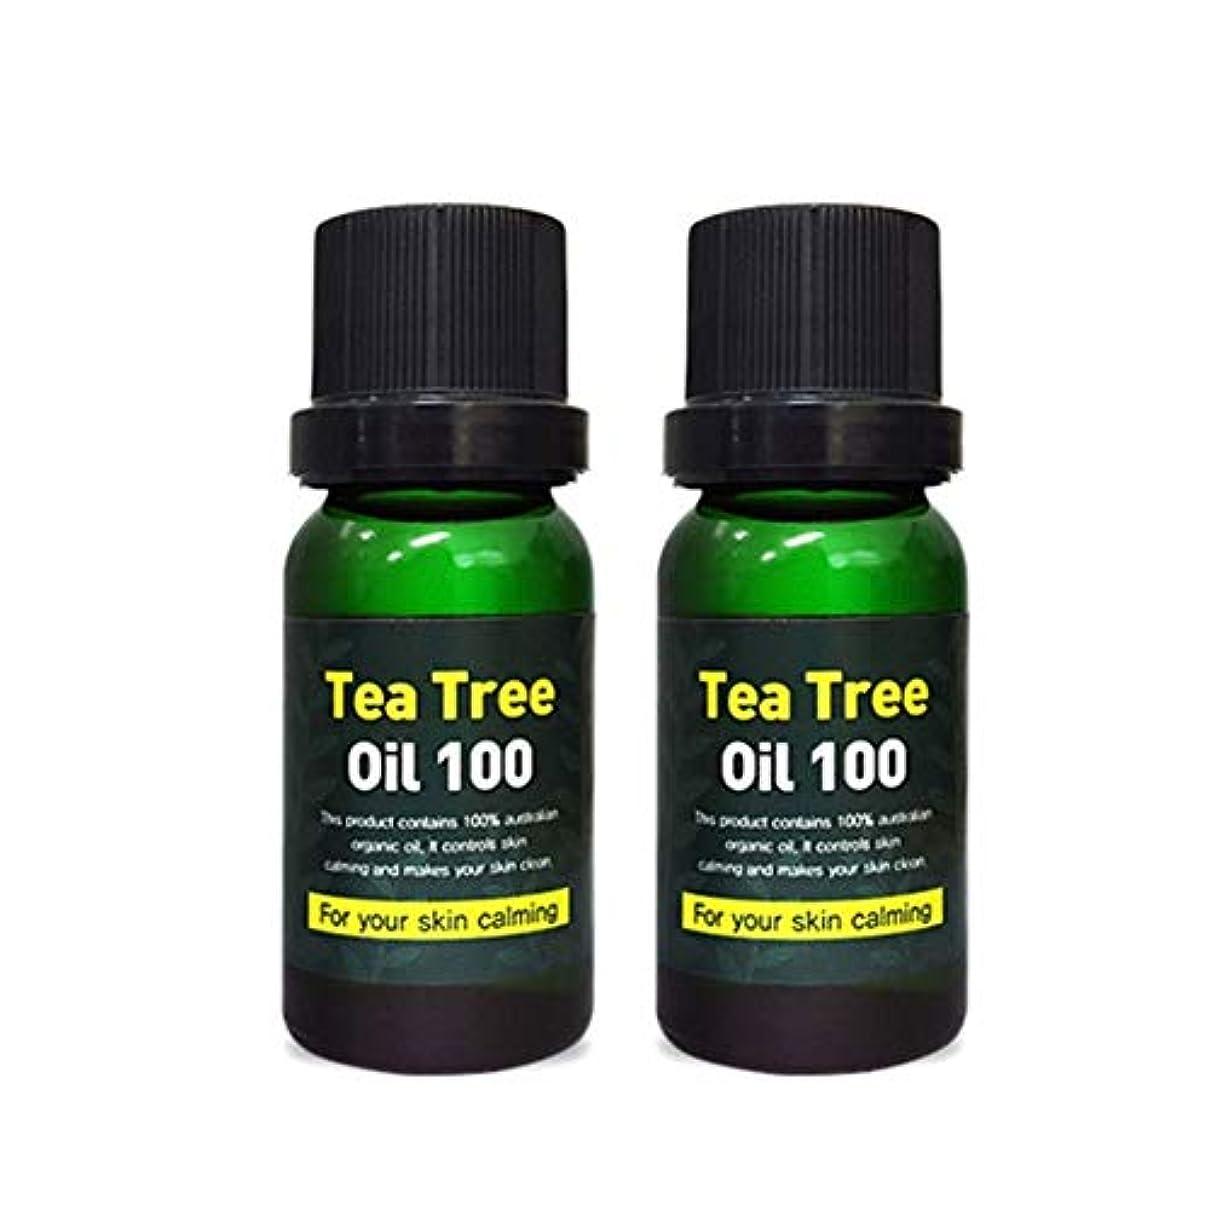 上記の頭と肩リフレッシュお風呂を持っているスキンアイシークレットプラントティーツリーオイル100 10mlx2本セット 韓国コスメ、Skineye Secret Plant Tea Tree Oil 100 10ml x 2ea Set Korean Cosmetics...